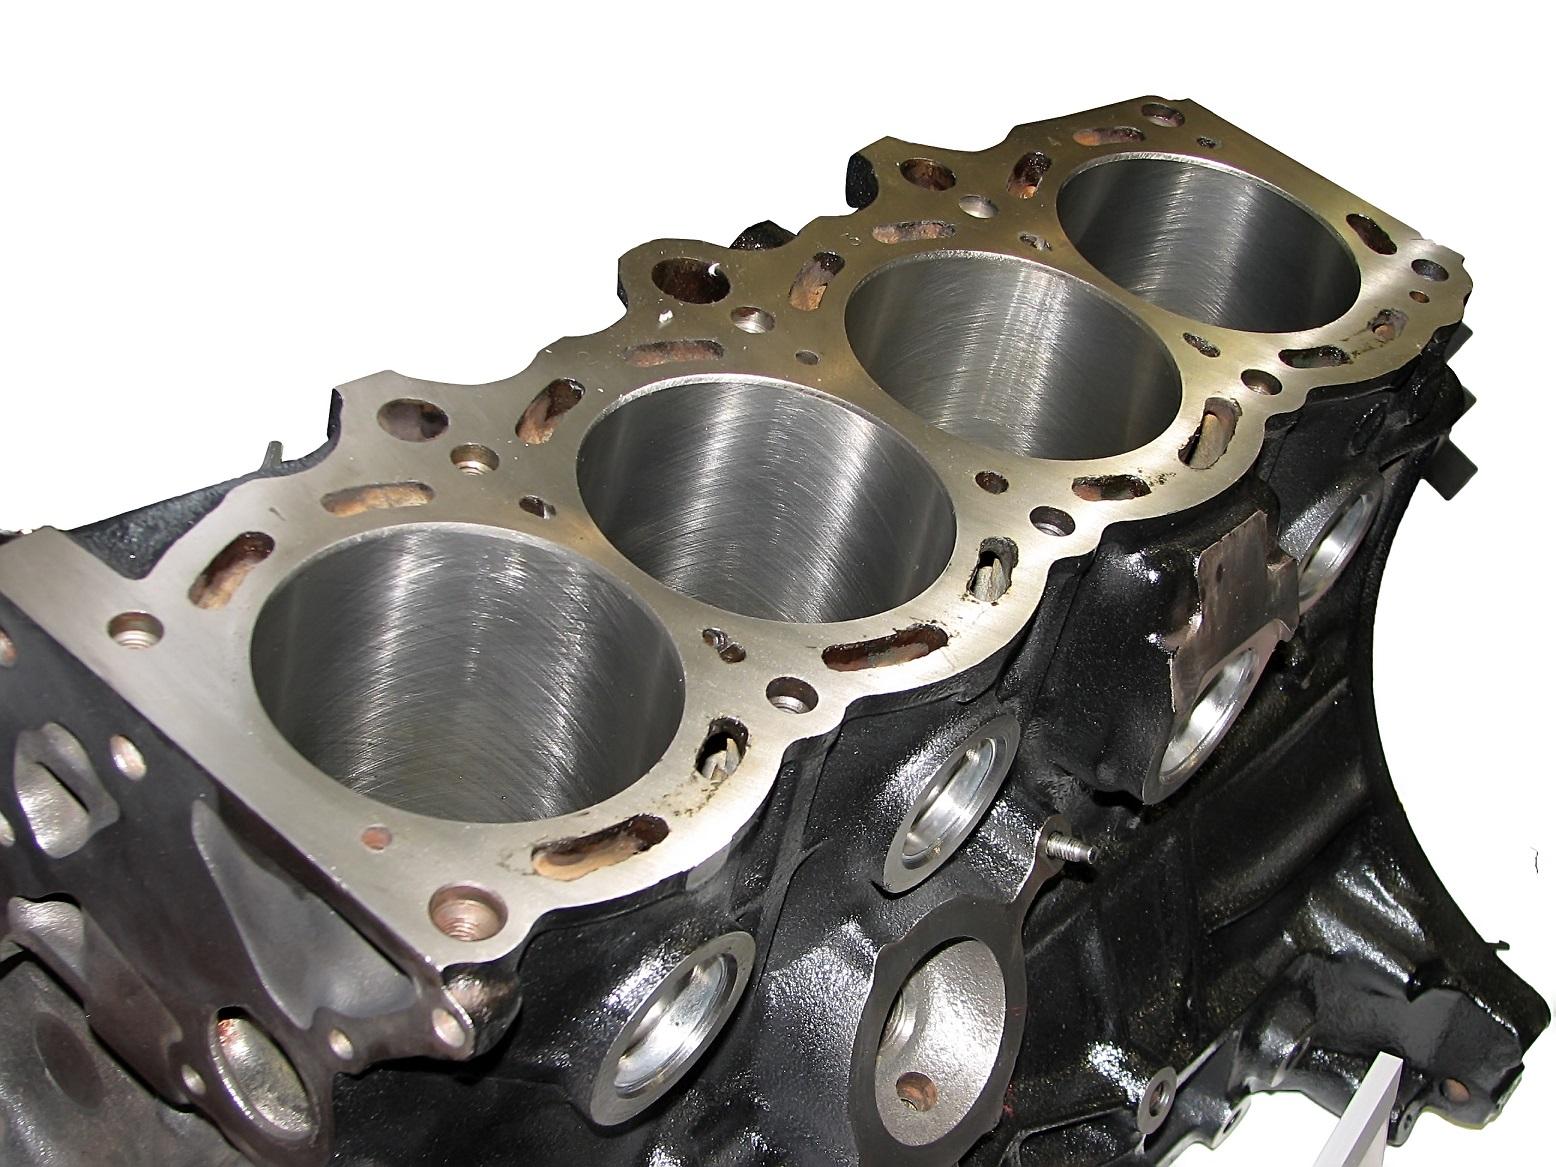 bloco de motor de carro com quatro cilindros a mostra